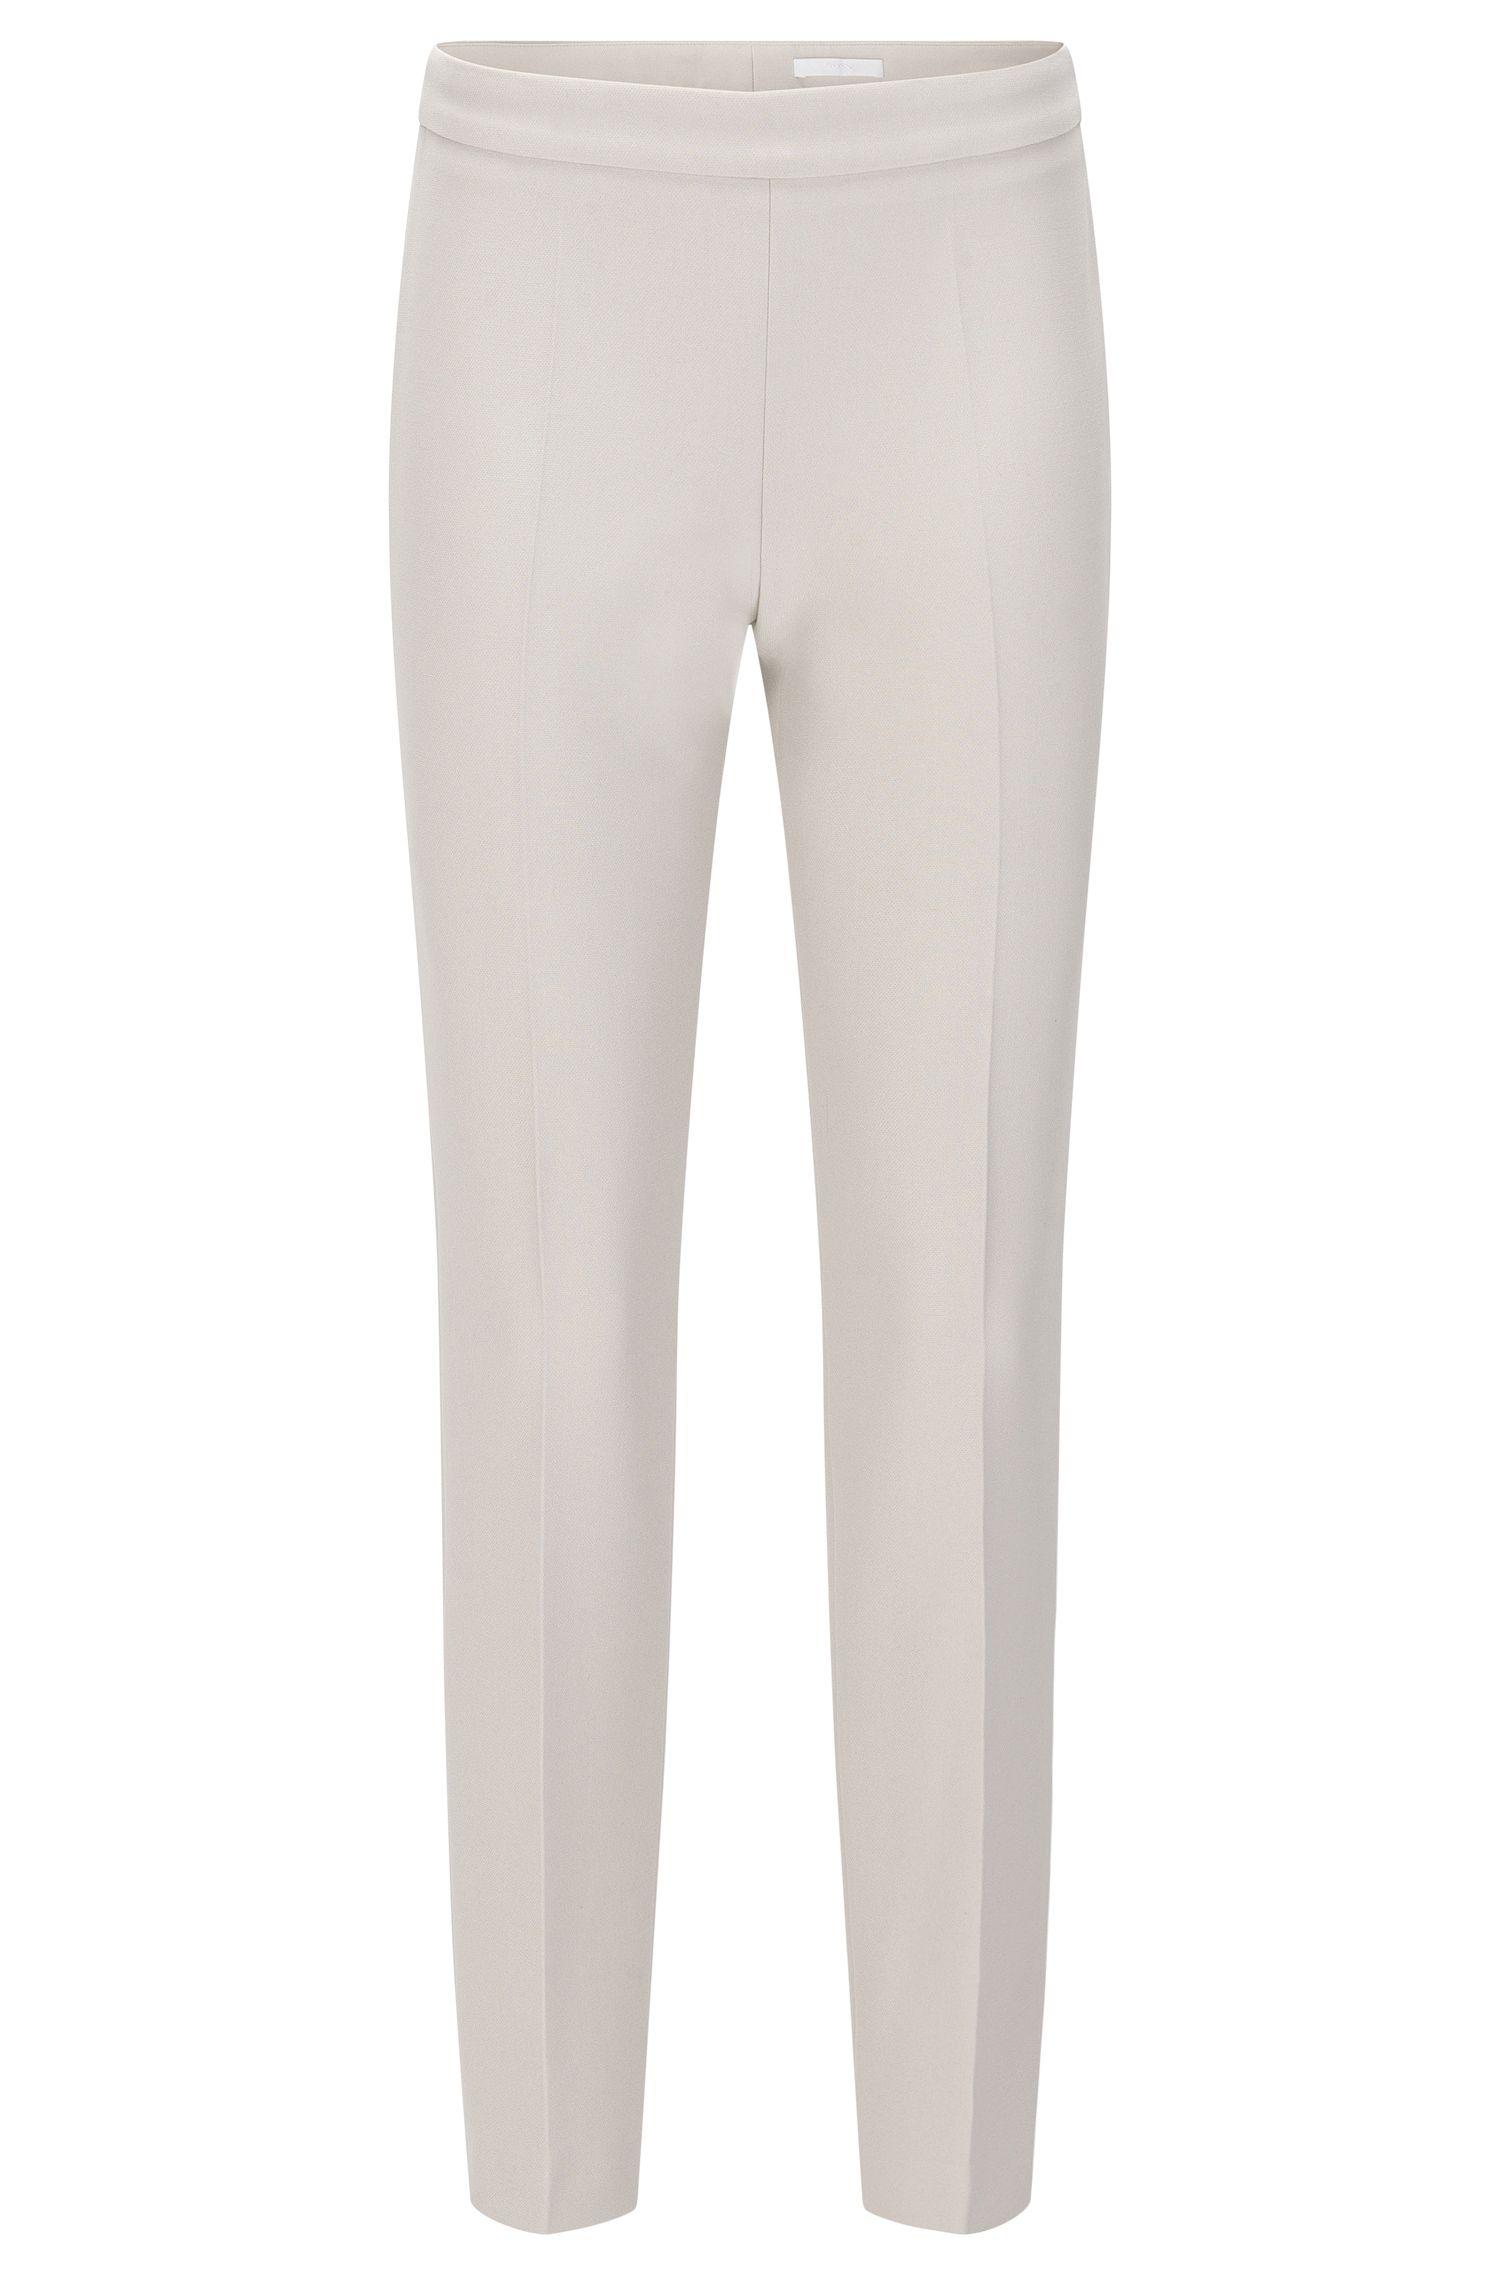 Stretch Blend Dress Pant | Tiluna Side Zip